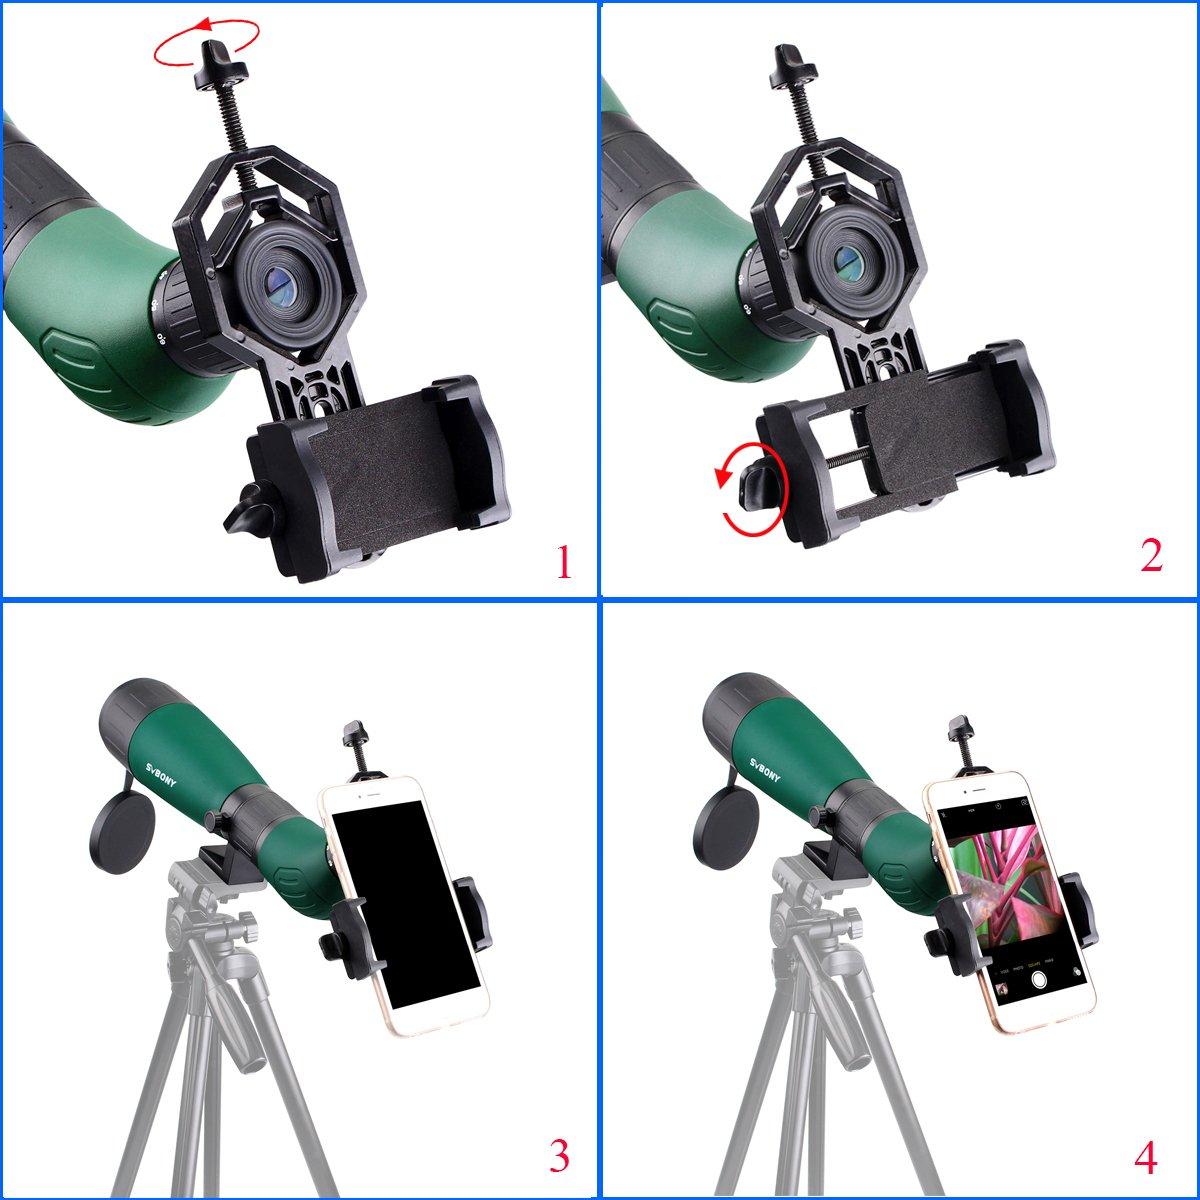 Svbony SV18 Telescopio Terrestre 20-60x60mm Impermeable Prisma BK7 Catalejo con Adaptador Universal para Tel/éfono Inteligente Ideal para Viajar y Obser